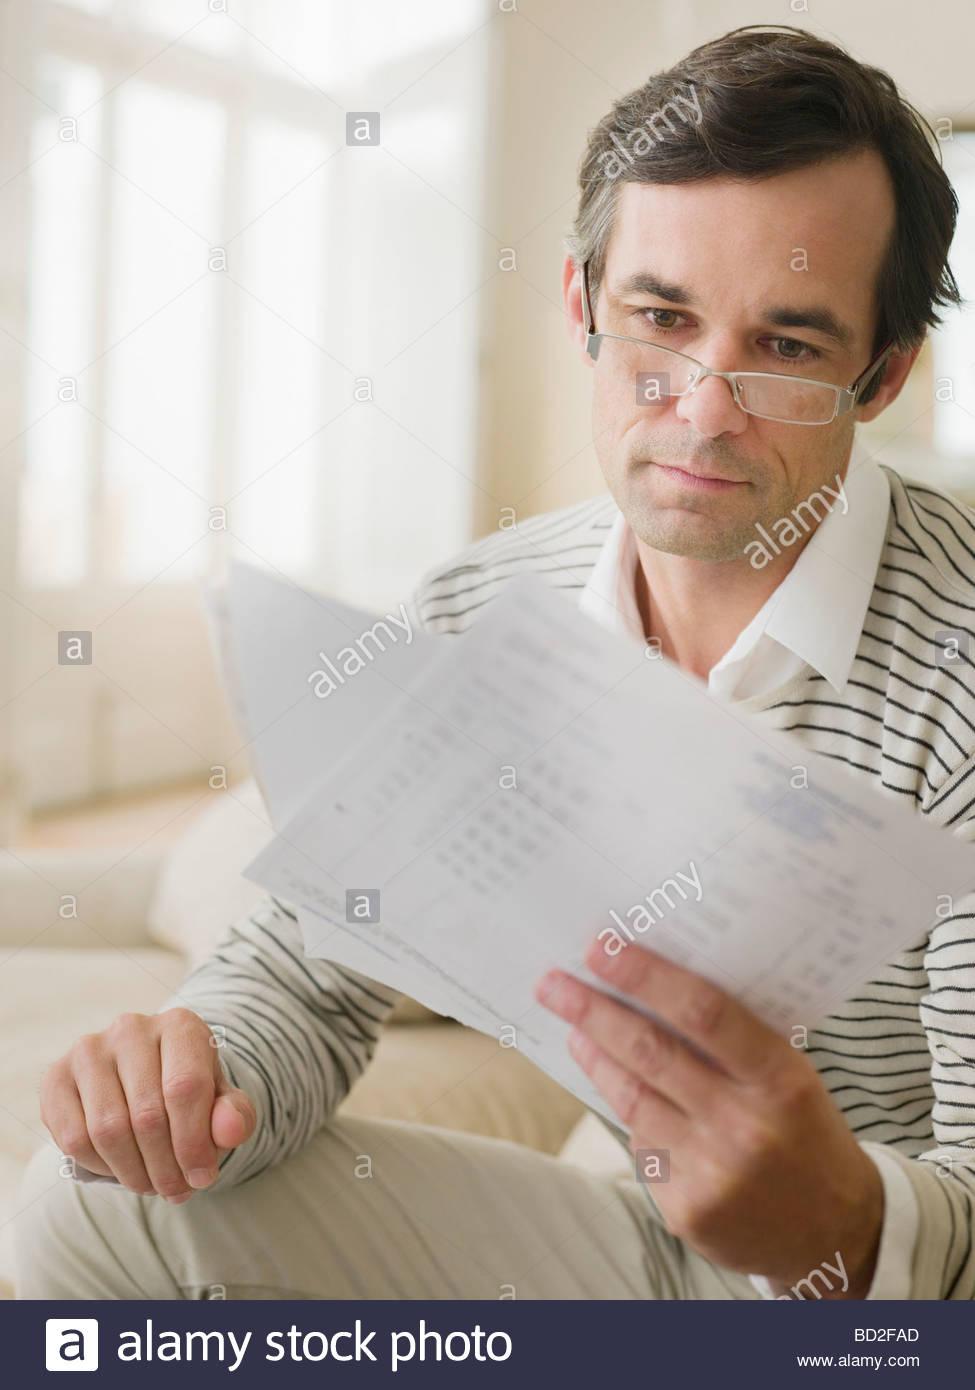 Man examining bills - Stock Image